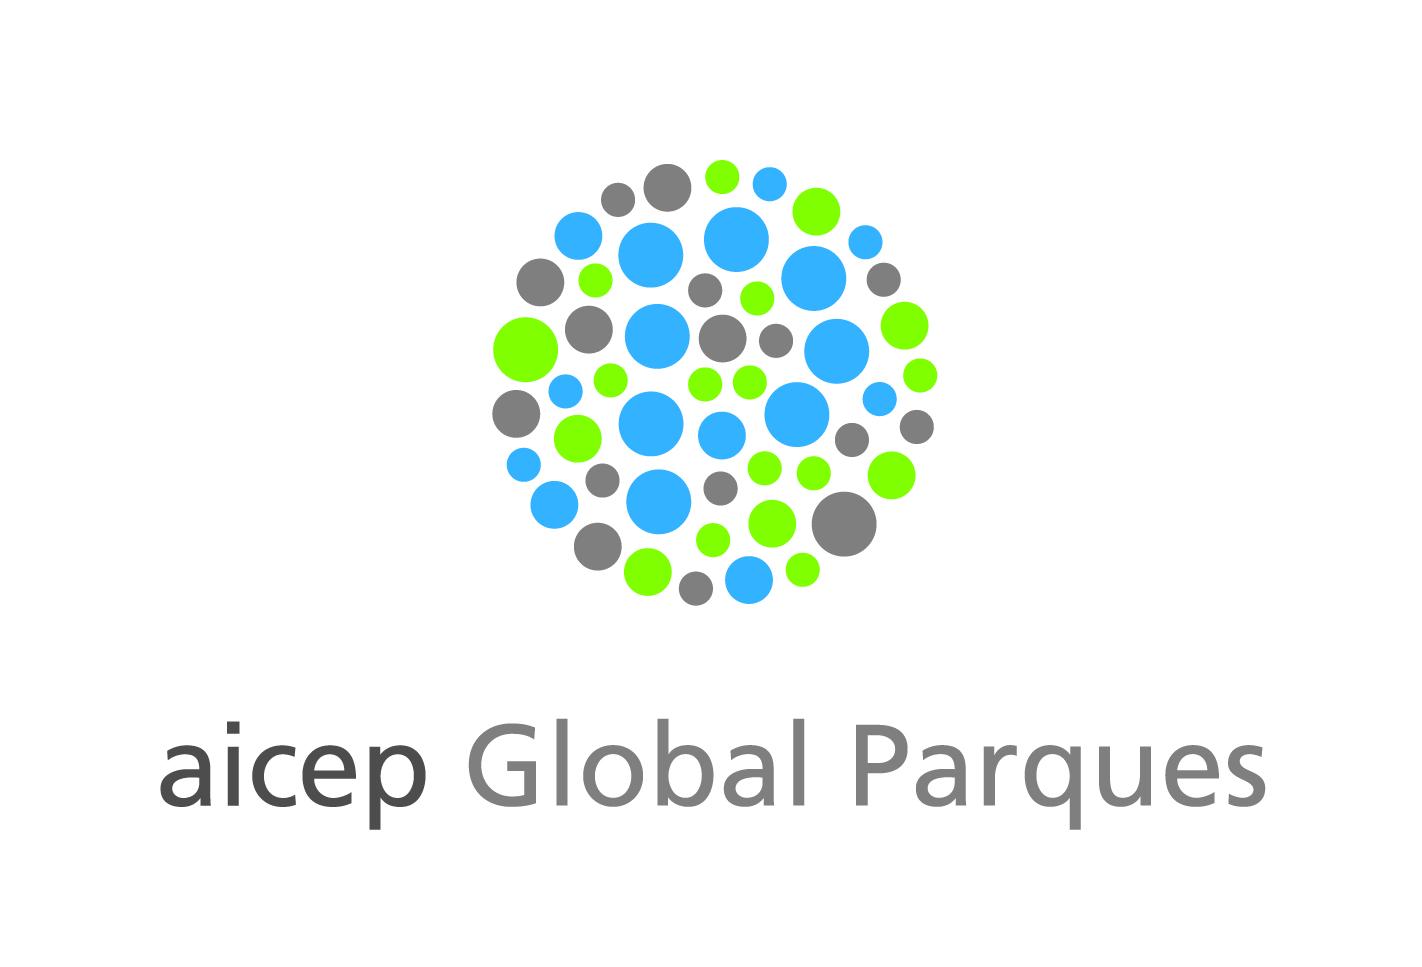 aicep Global Parques Logo